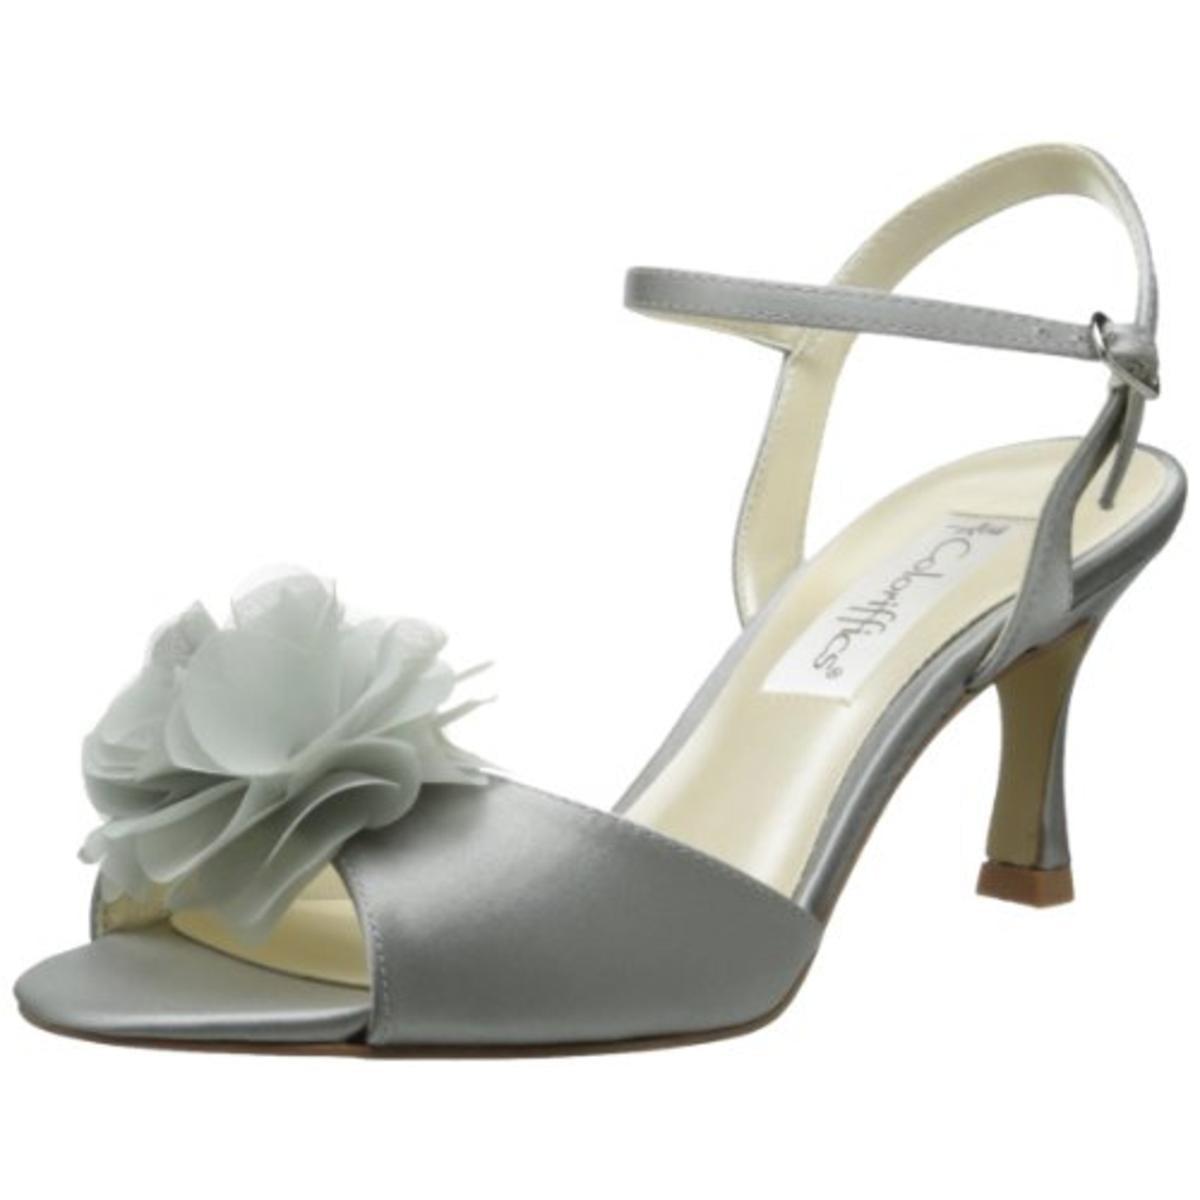 Coloriffics Womens Bristol Satin Ankle Strap Dress Sandals by Coloriffics